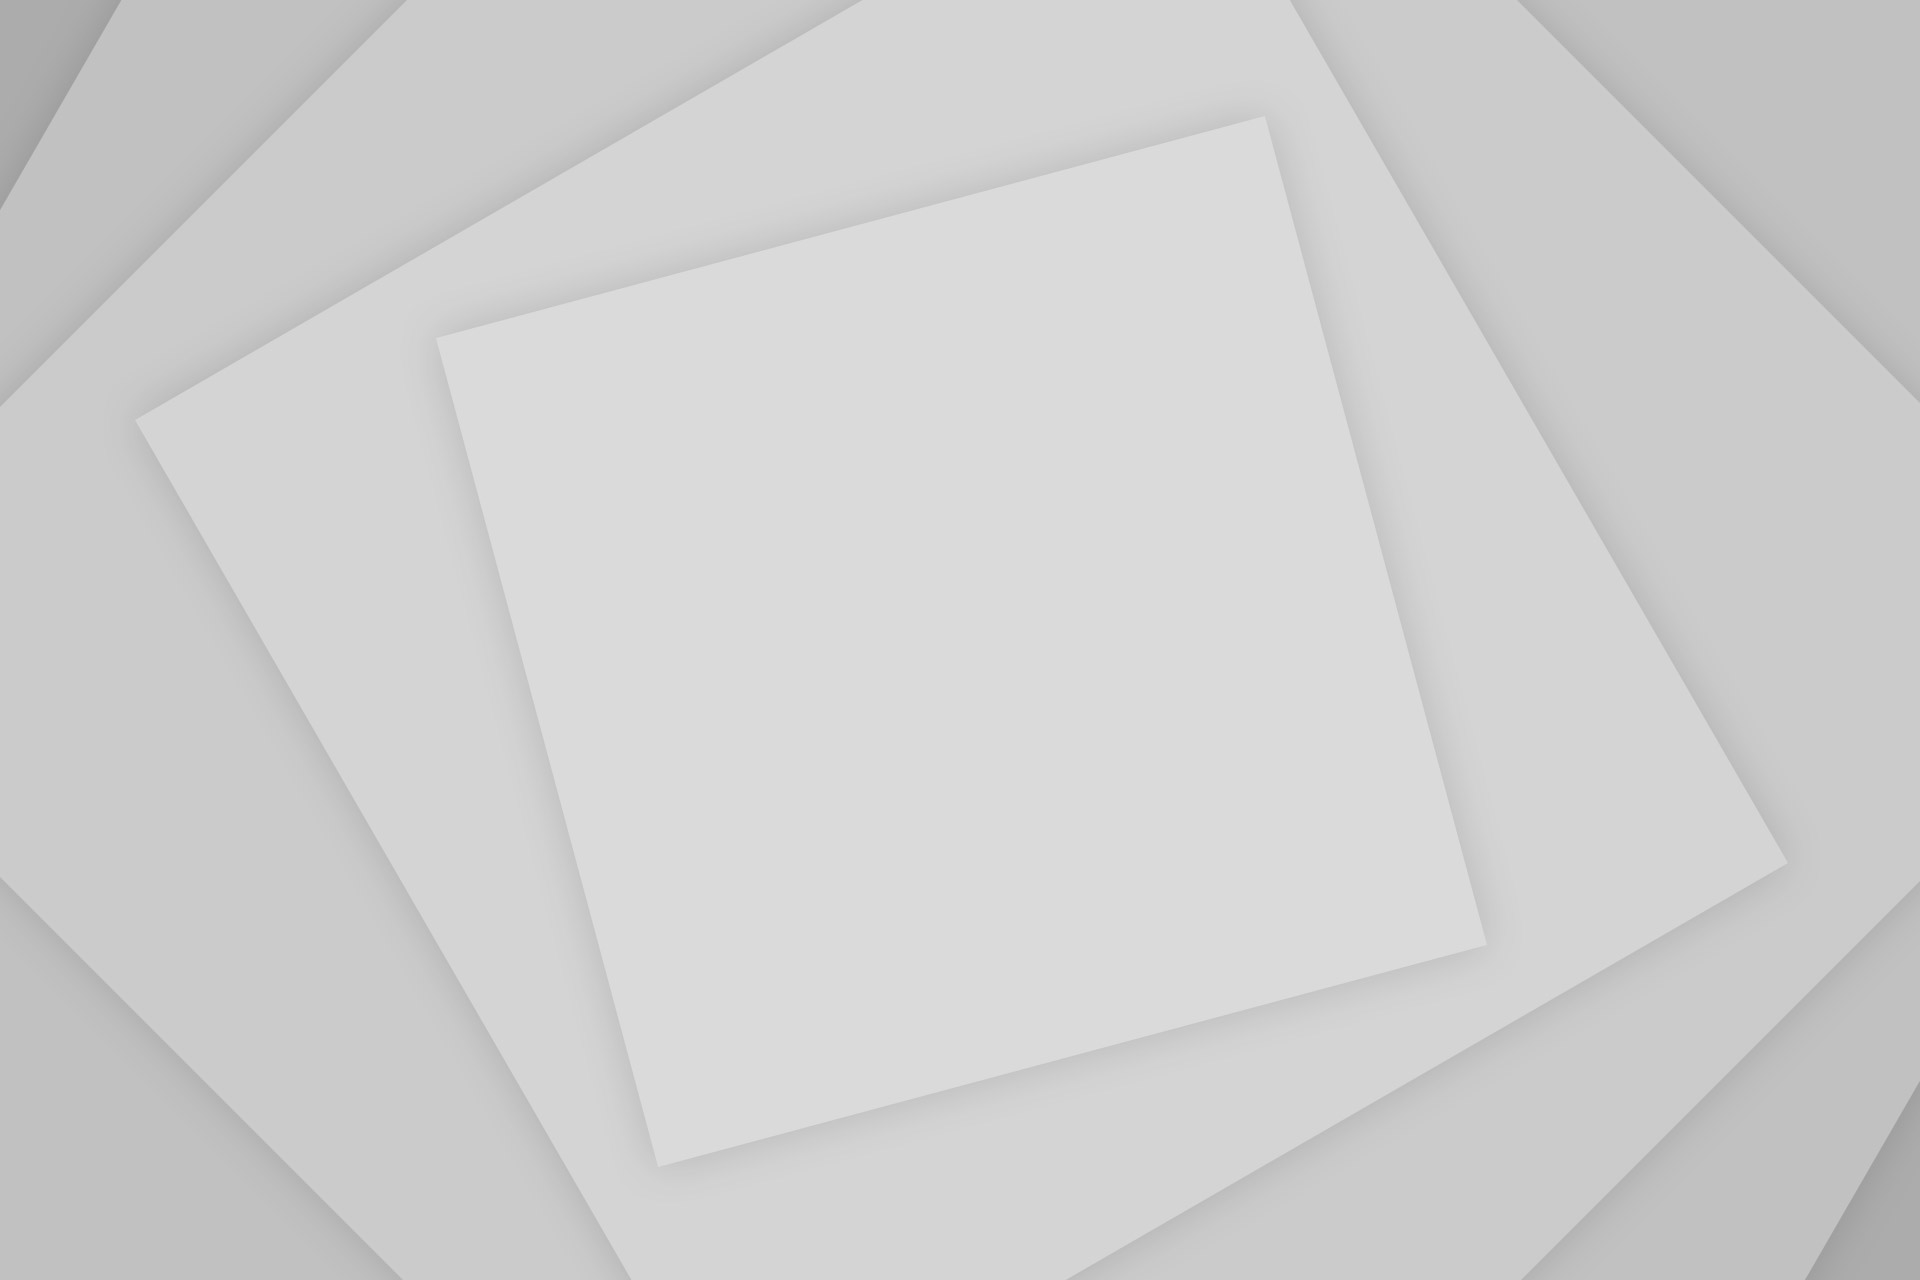 সান্তাহারে 'বিপিয়ান' এর উদ্যোগে বৃক্ষ রোপন কর্মসূচি